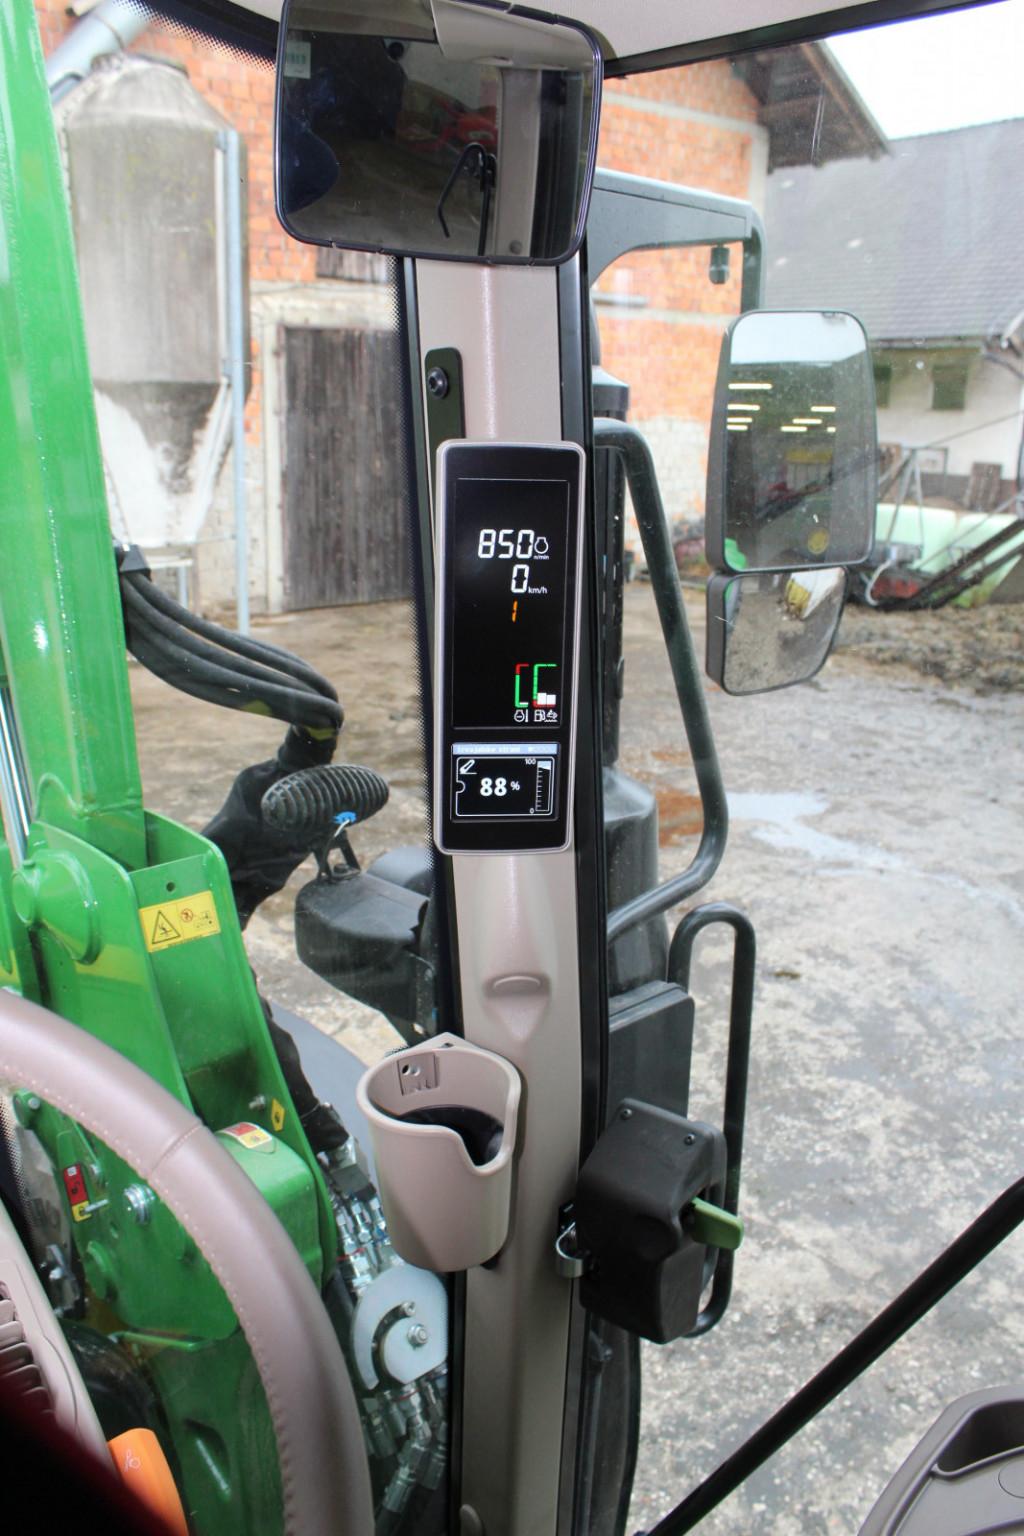 Takoimenovana armaturna plošča, ki smo je navajeni za volanskim obročem, je na A-stebričku. Na njem preverjamo in upravljamo številne funkcije traktorja.